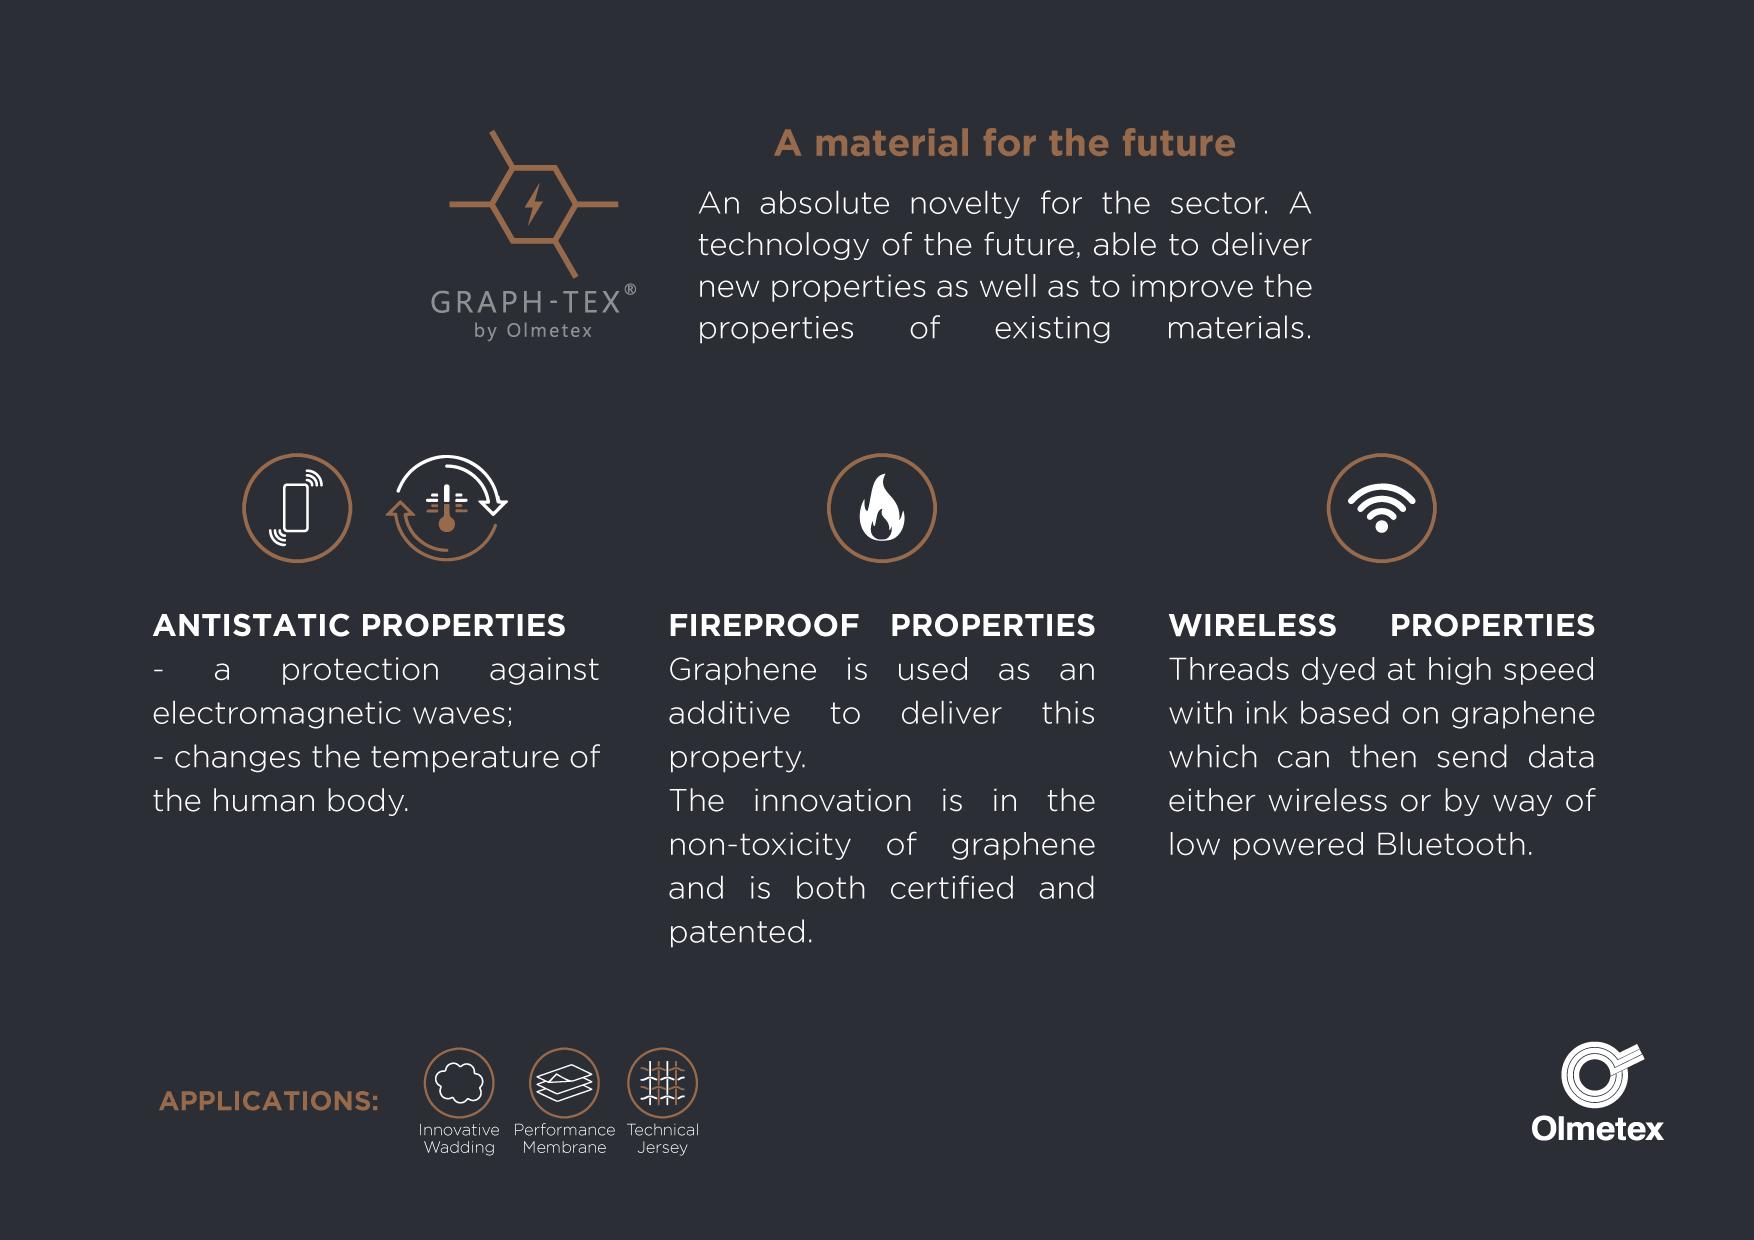 GRAPH-TEX Il materiale del futuro